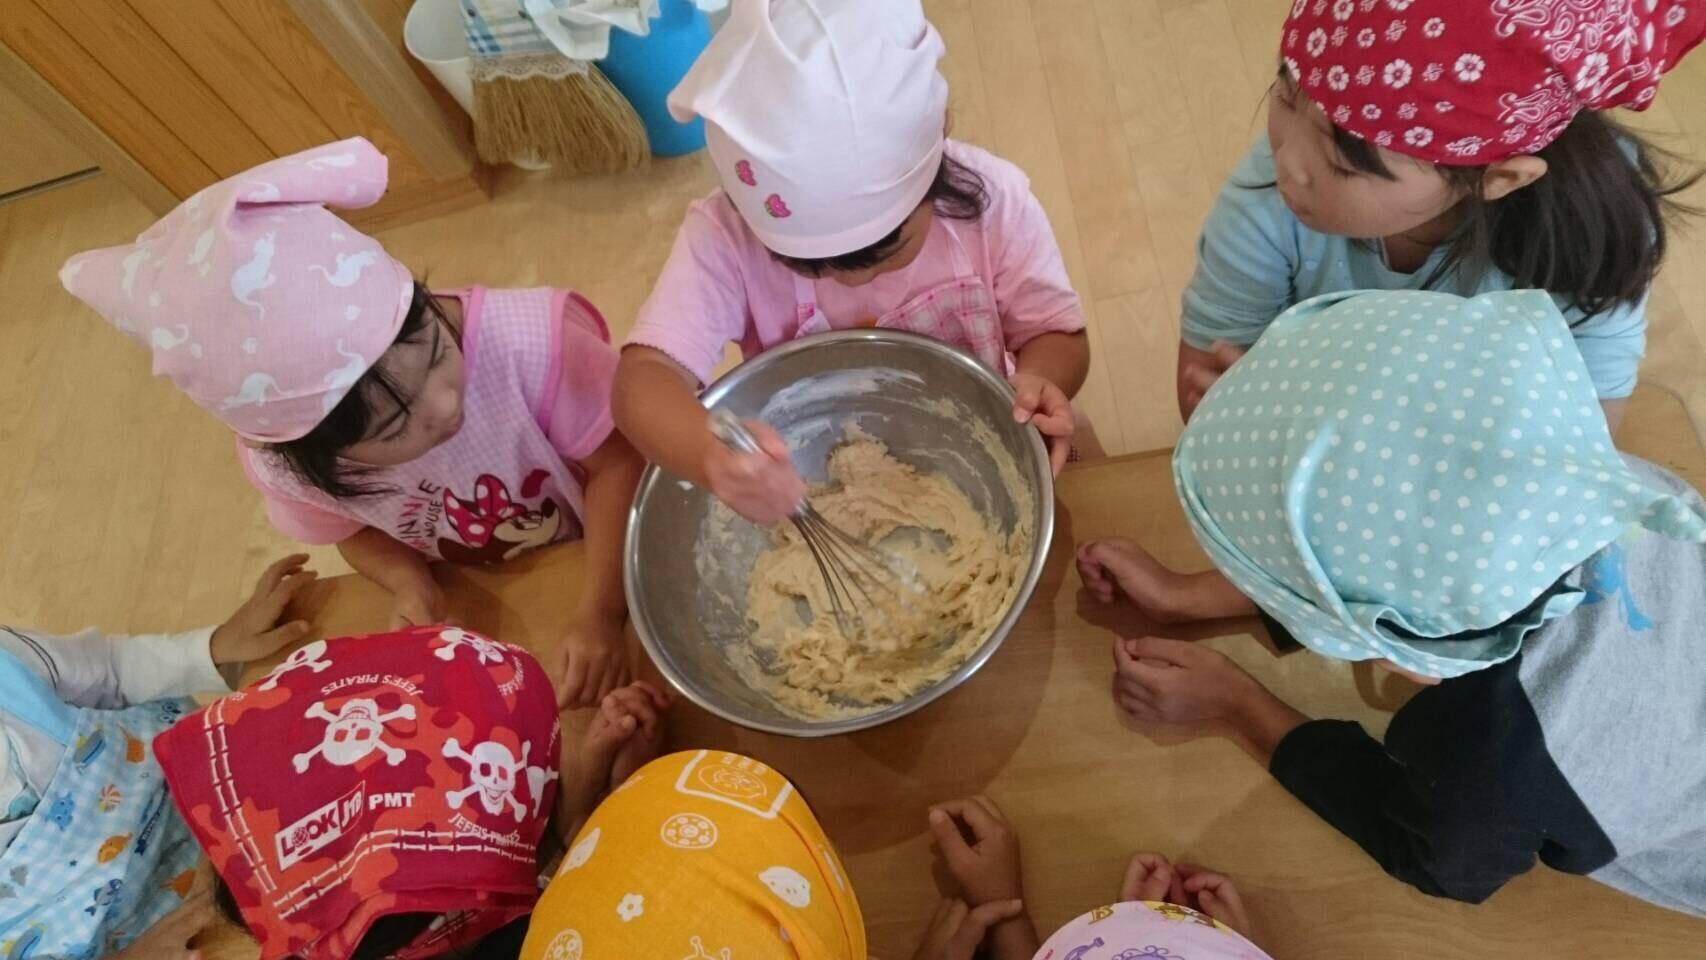 4歳児 らいおん組   クッキーづくりクッキング_c0151262_21453065.jpg